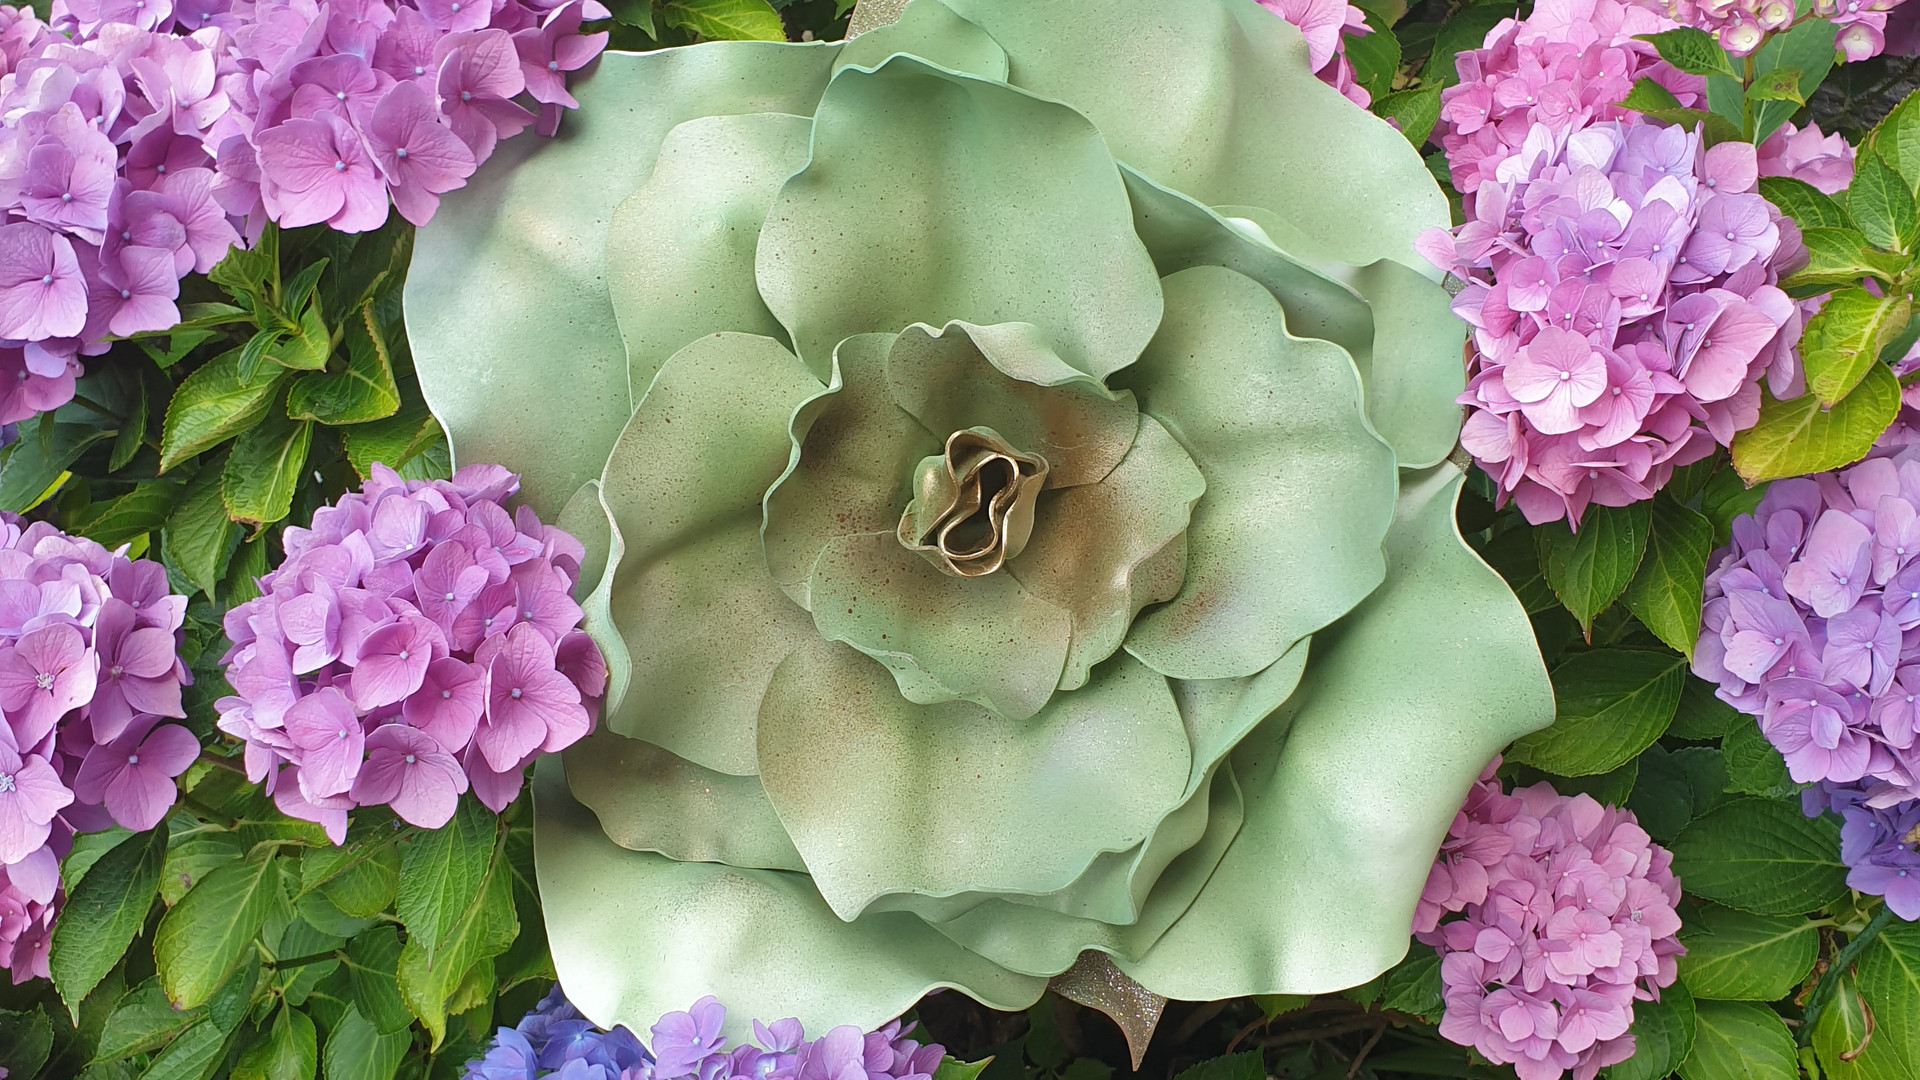 fiore gigante ed ortensie.jpg